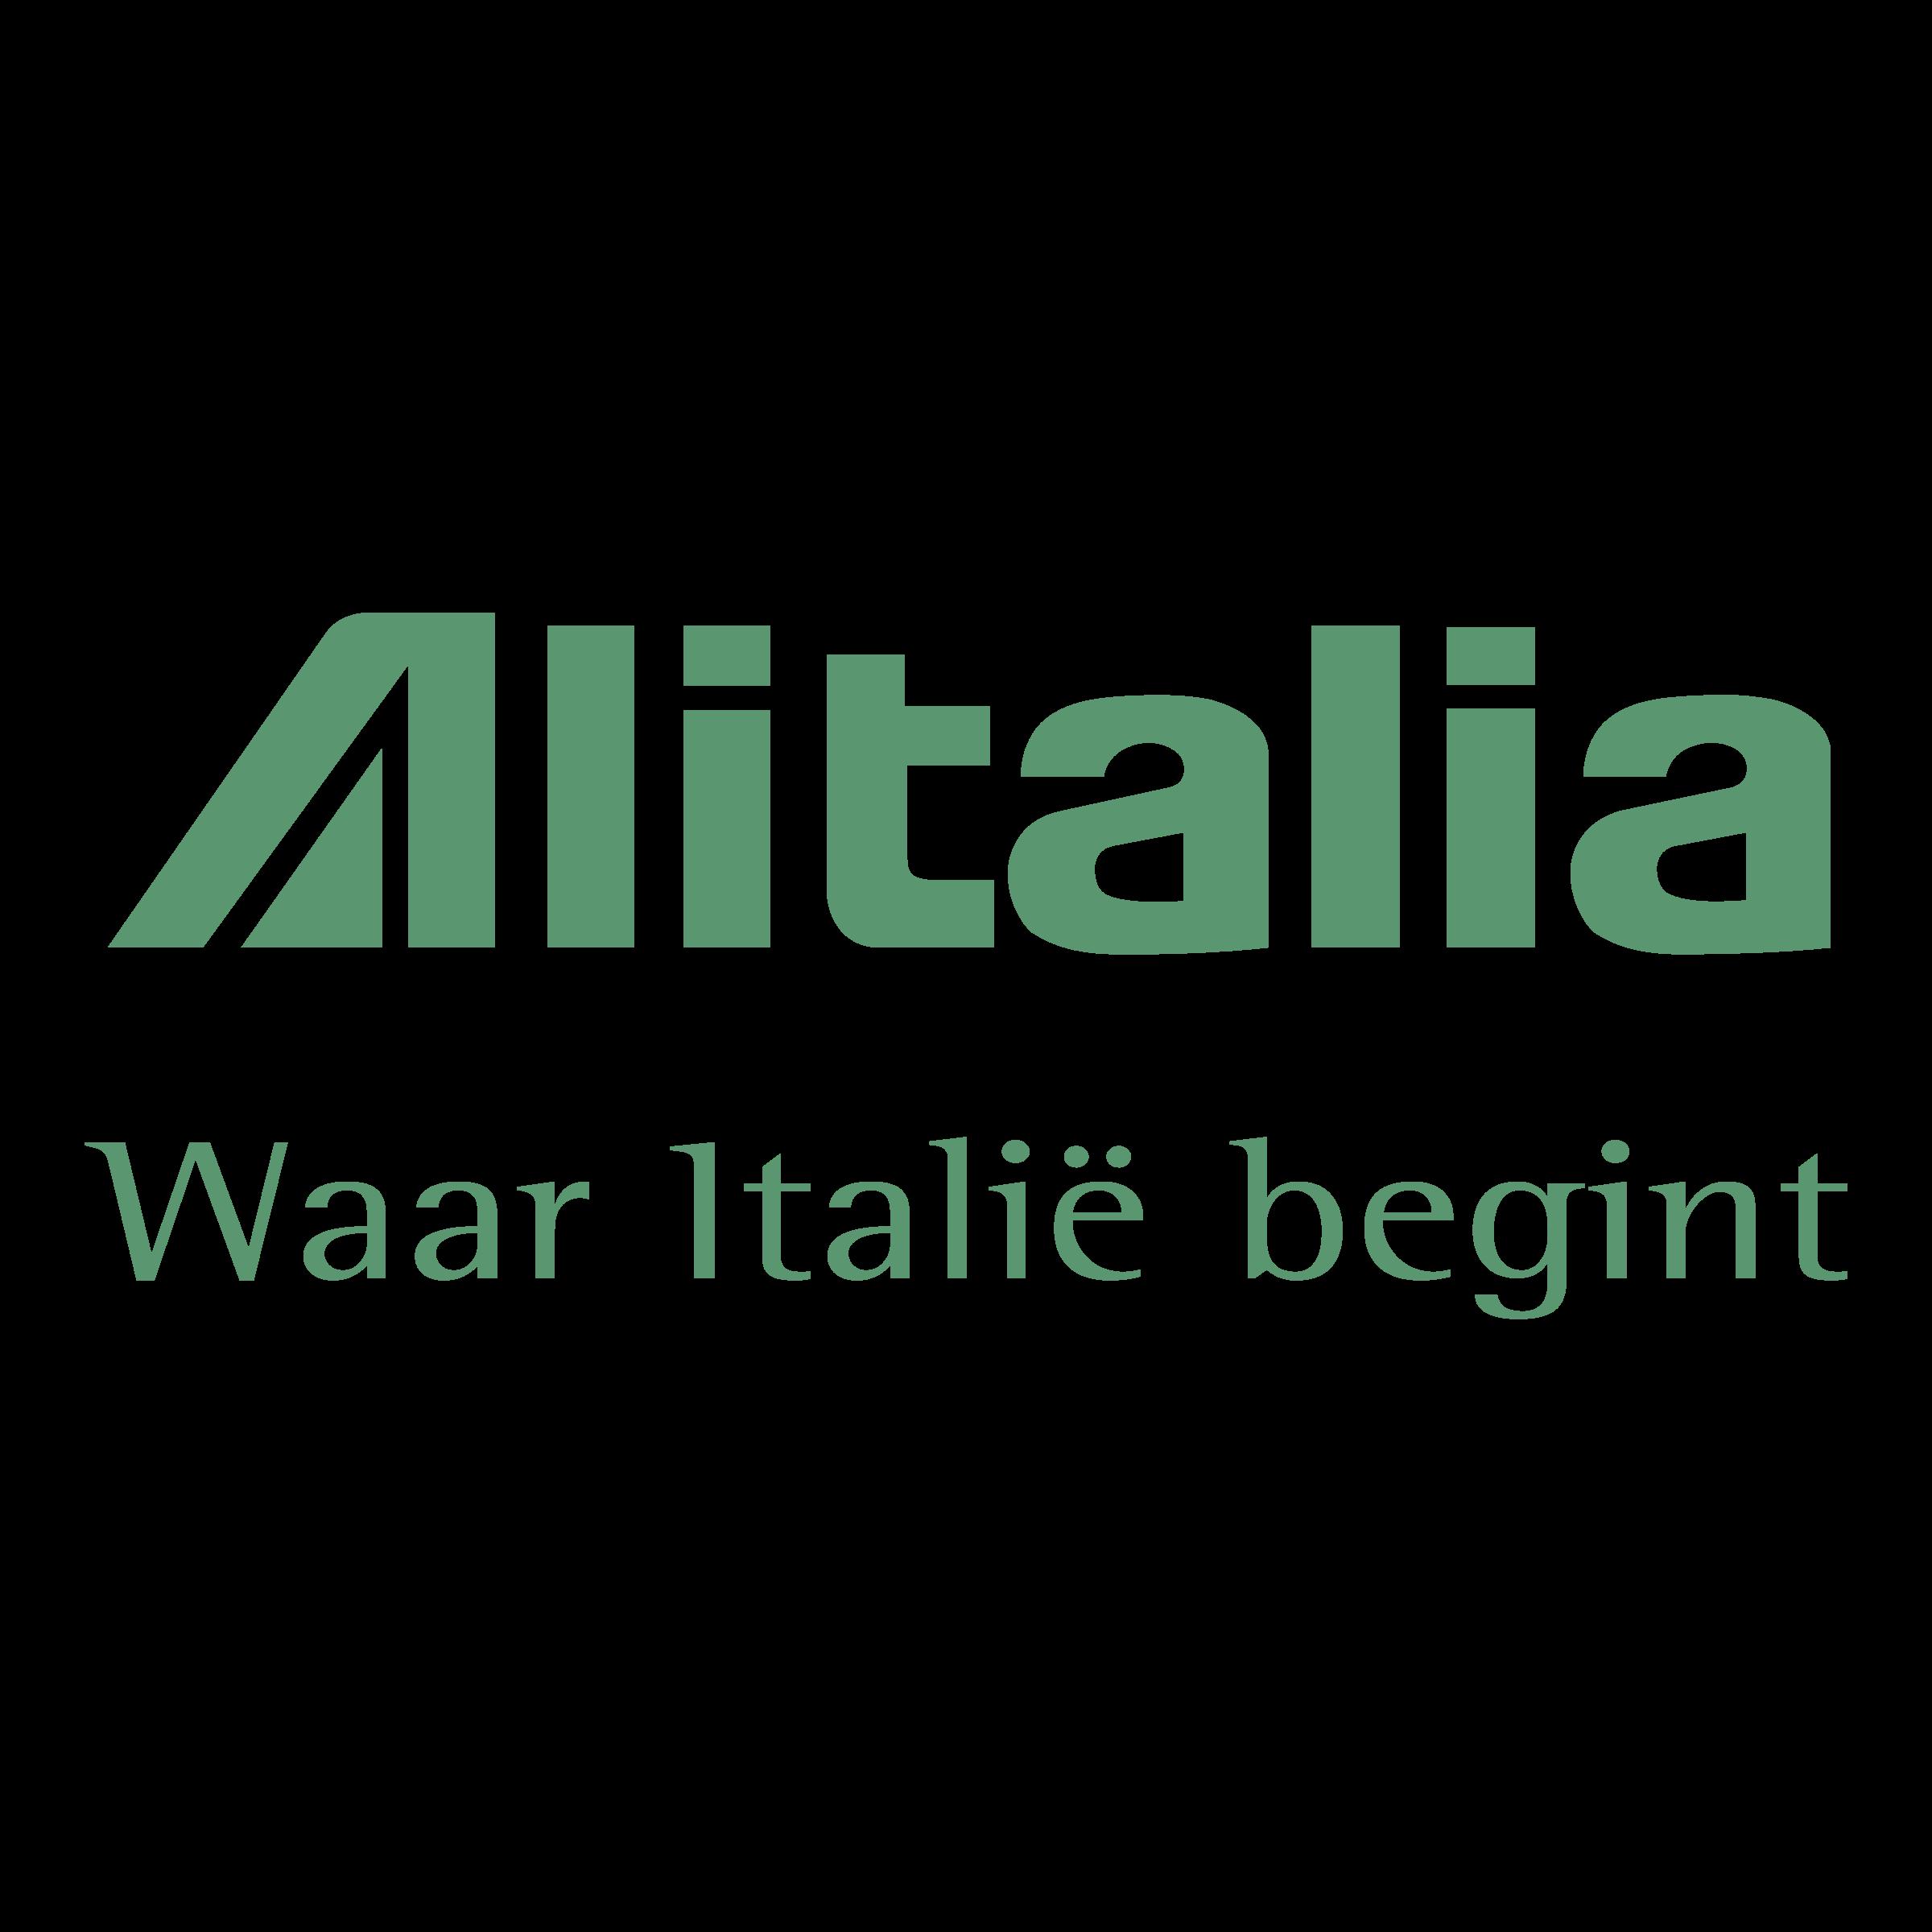 Alitalia Logo PNG Transparent & SVG Vector.